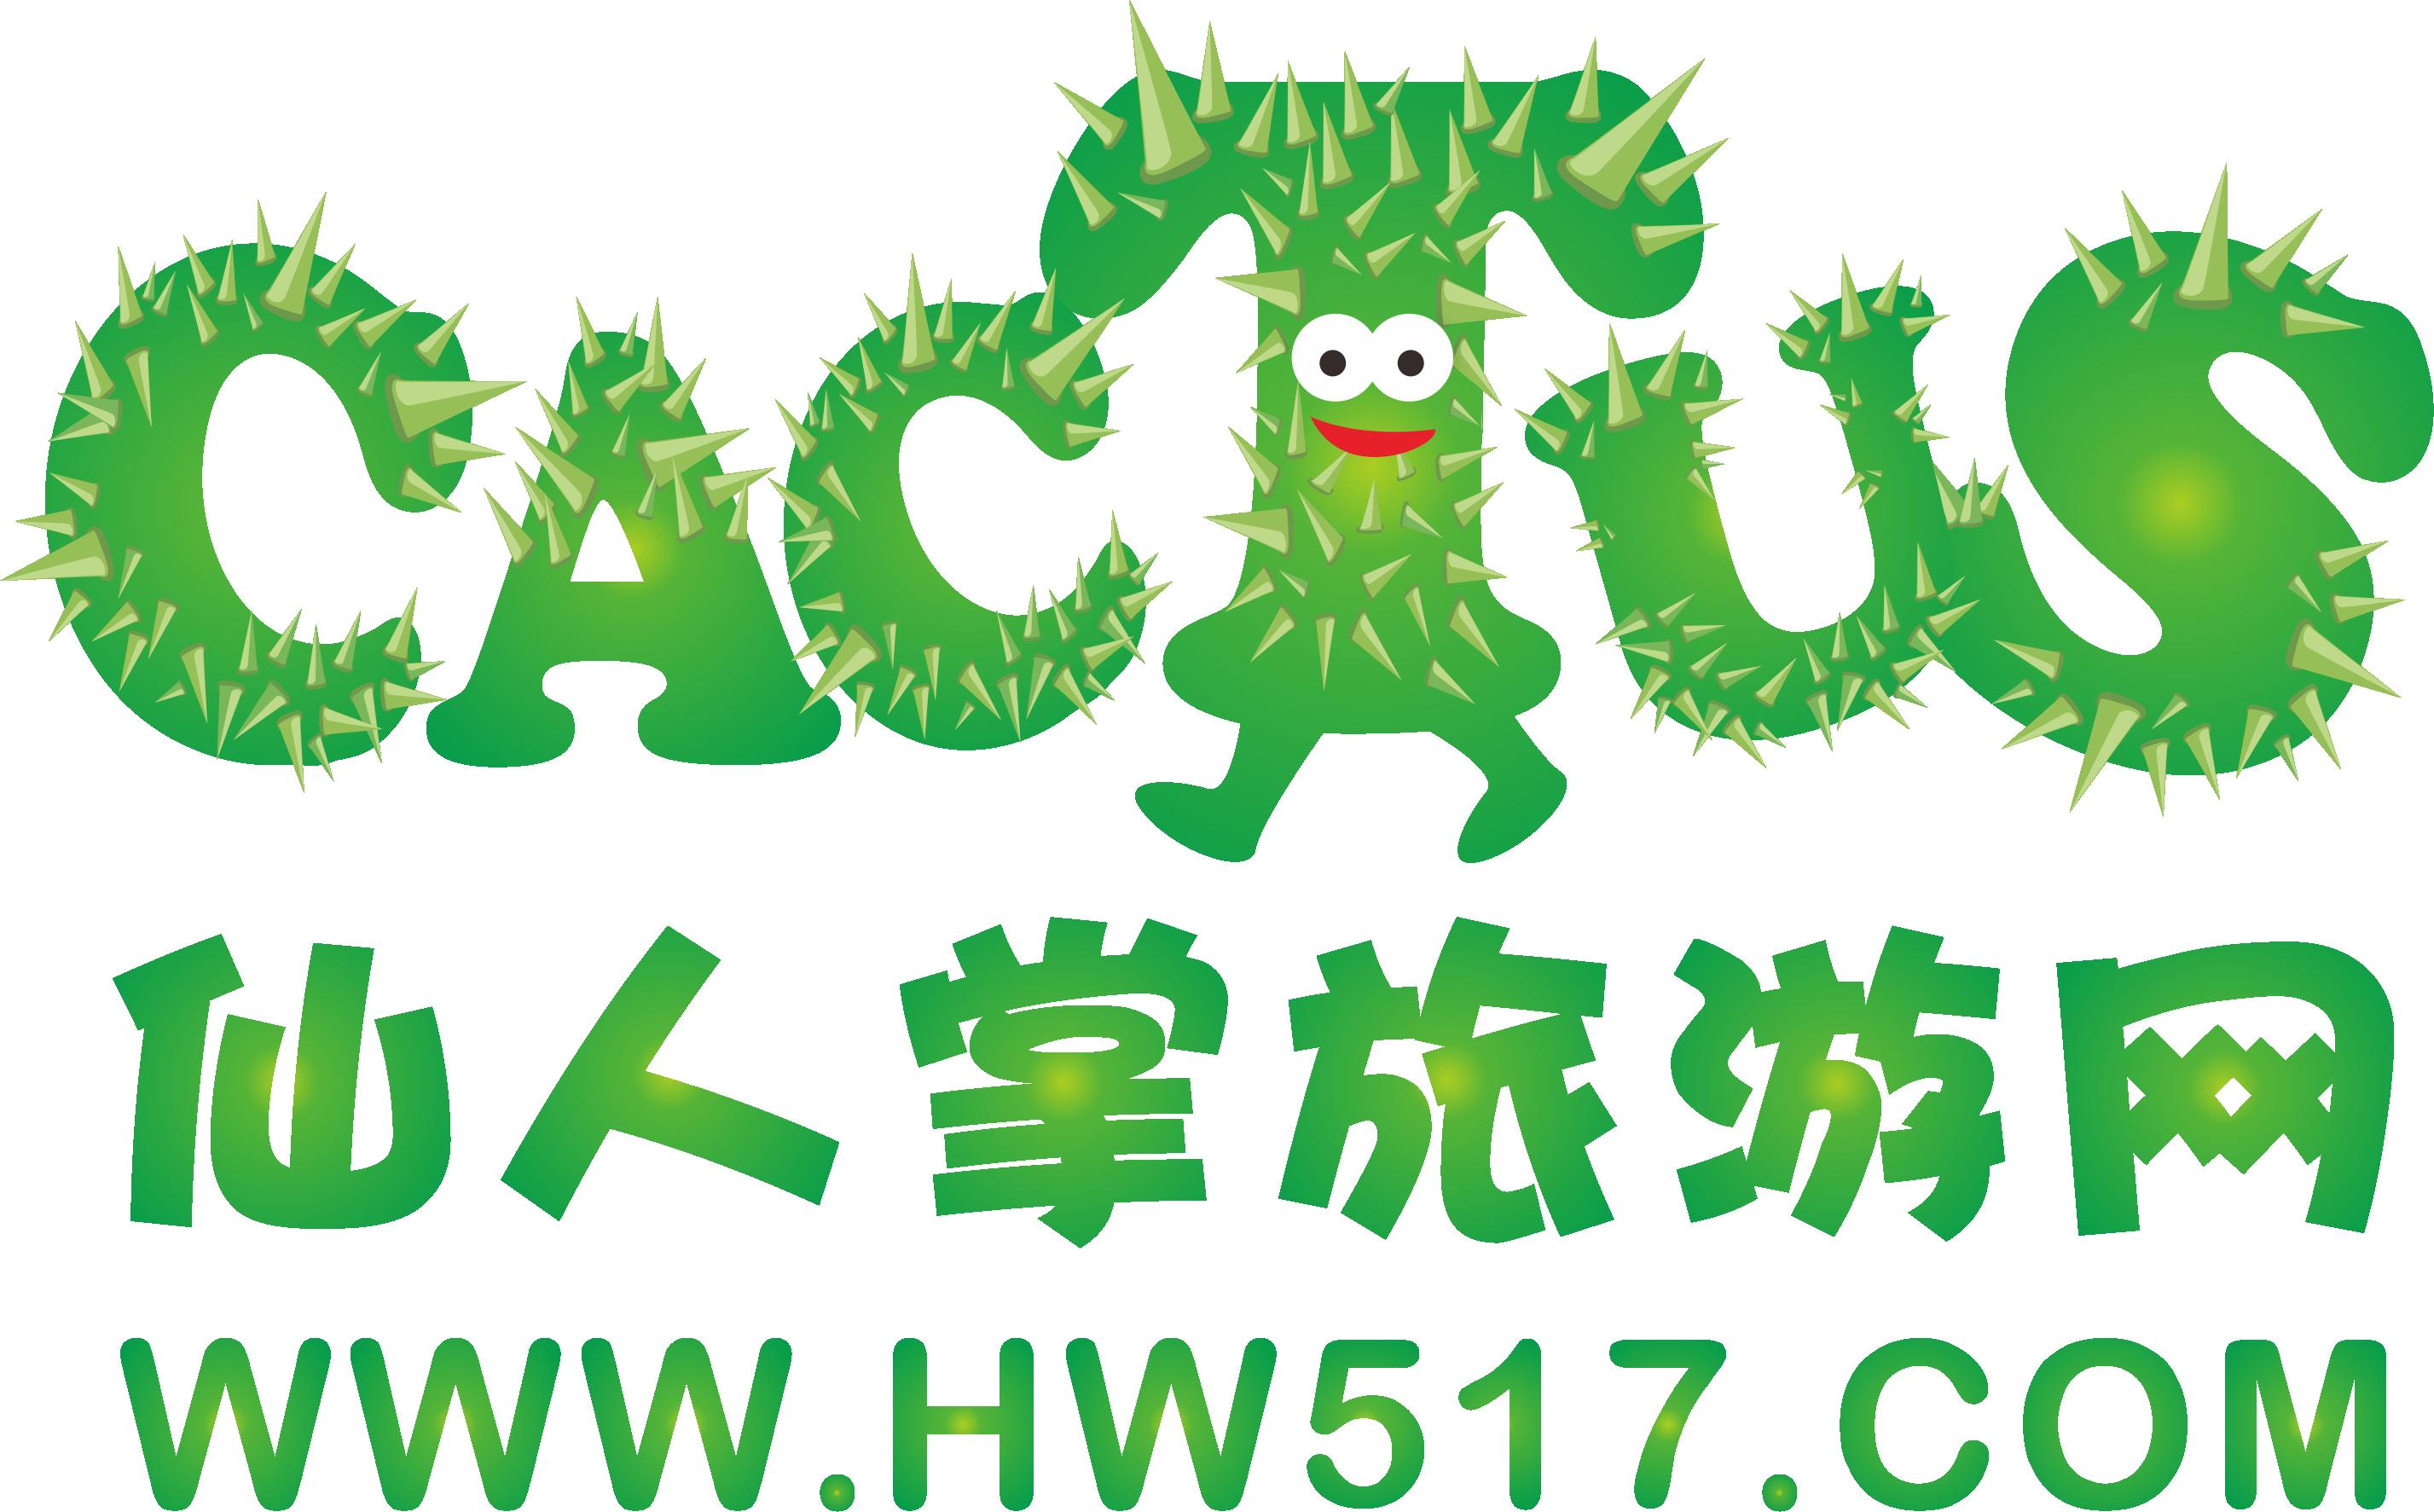 【新春·悠品】张家界森林公园、凤凰古城、天门山、长沙双高五日